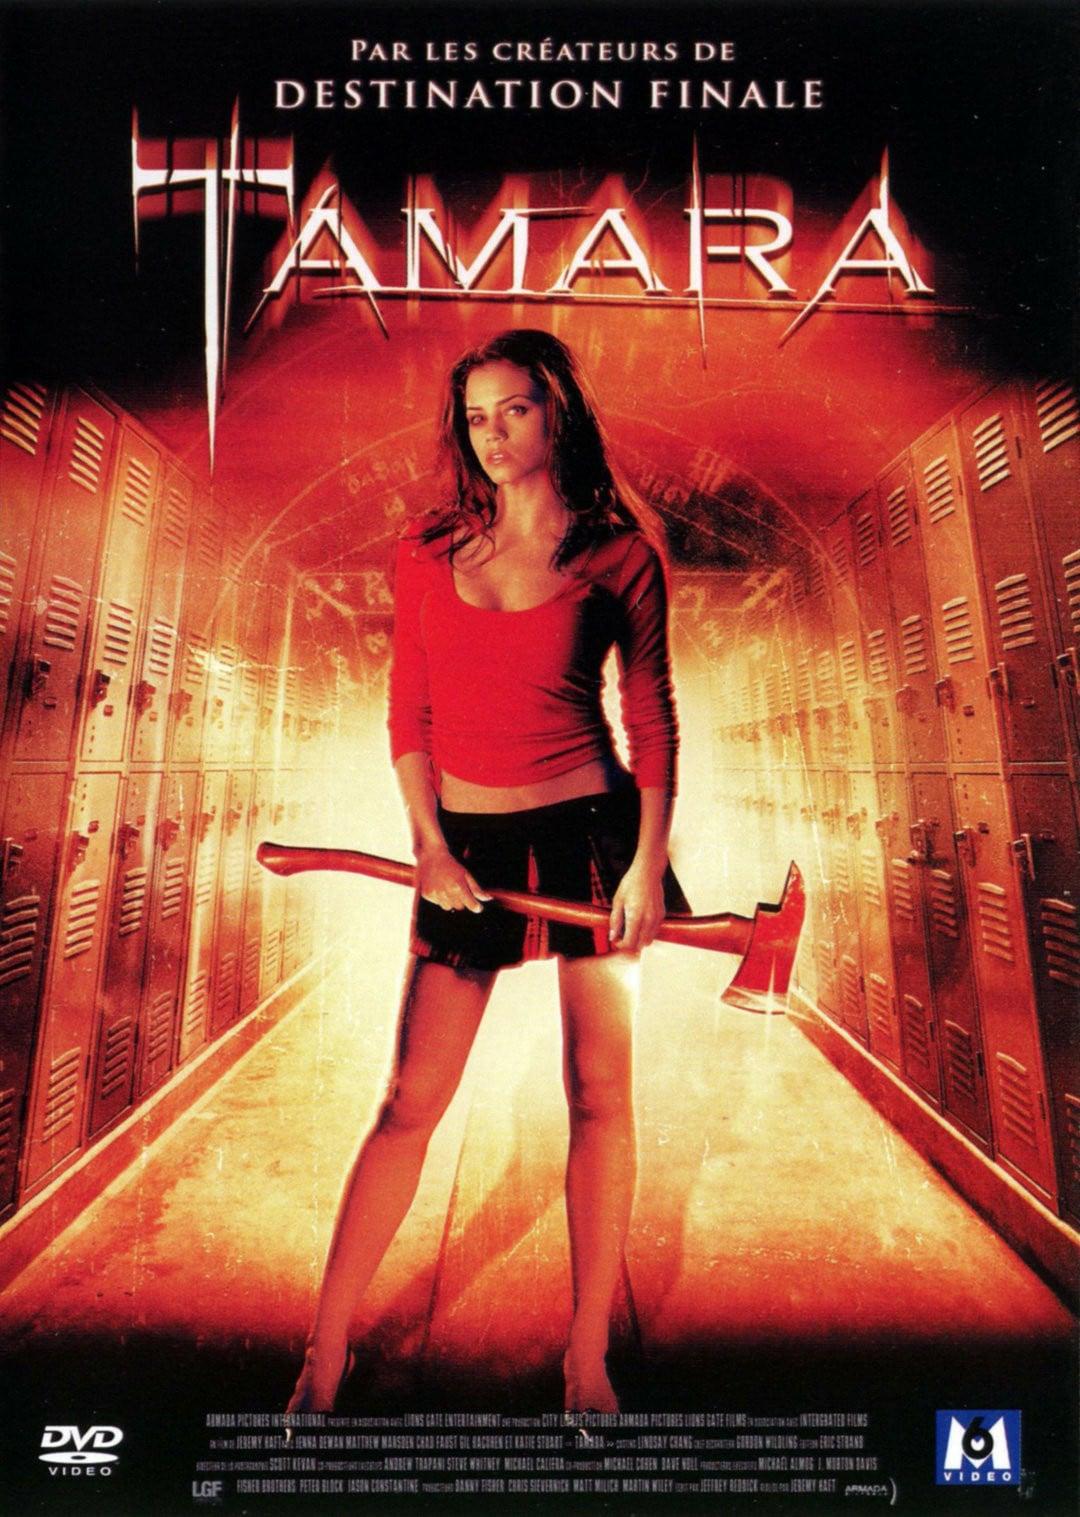 tamara film 2005